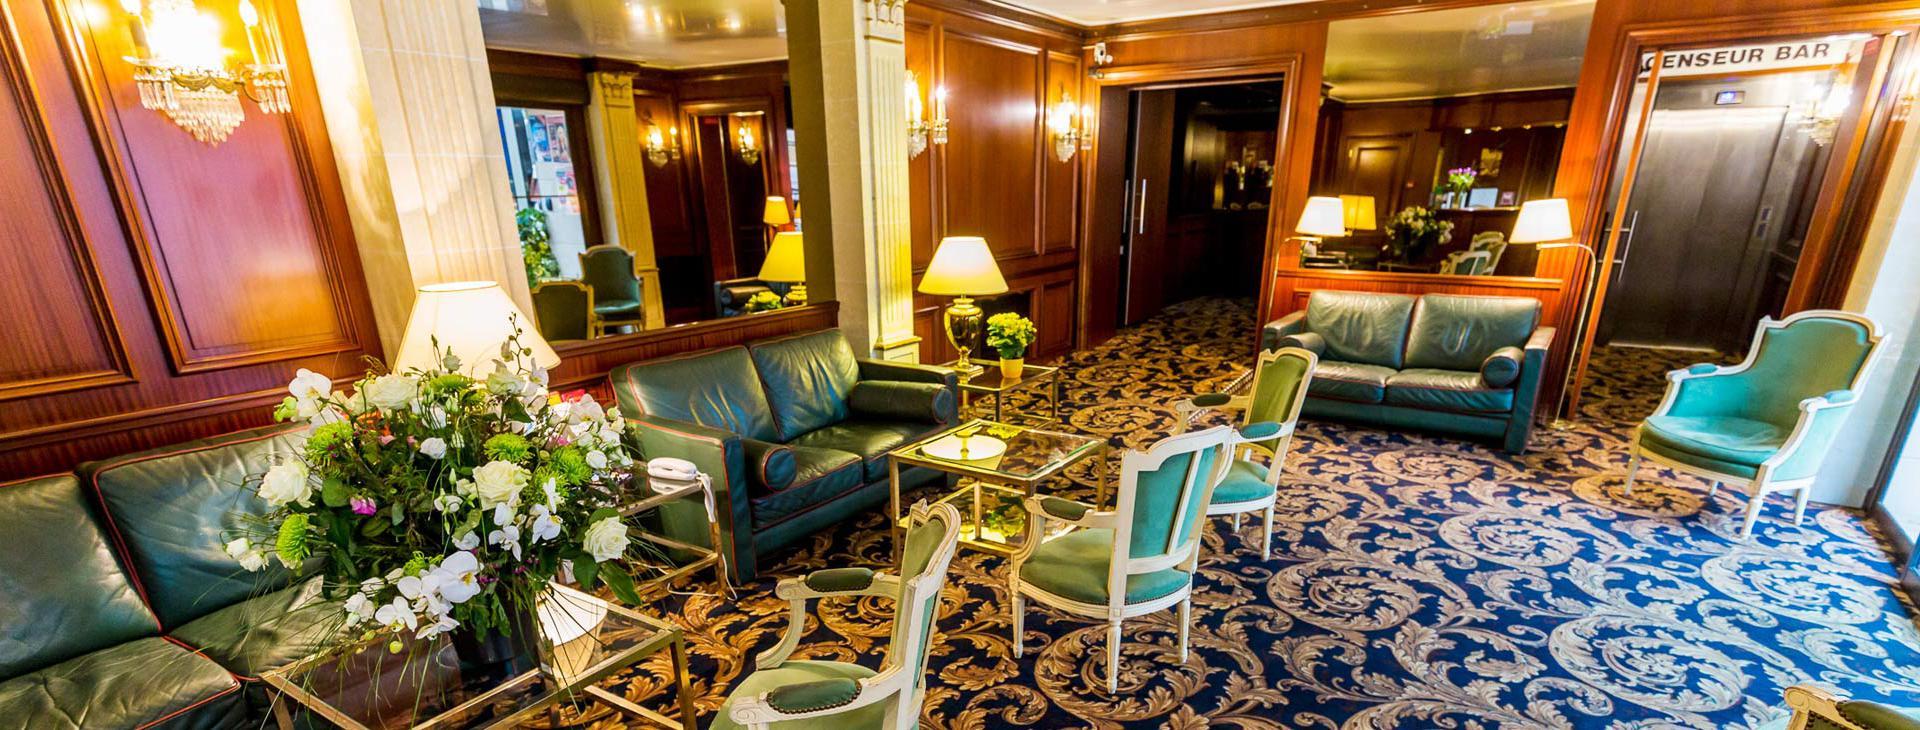 Hotel d'Irlande 3 étoiles Lourdes salon anglais